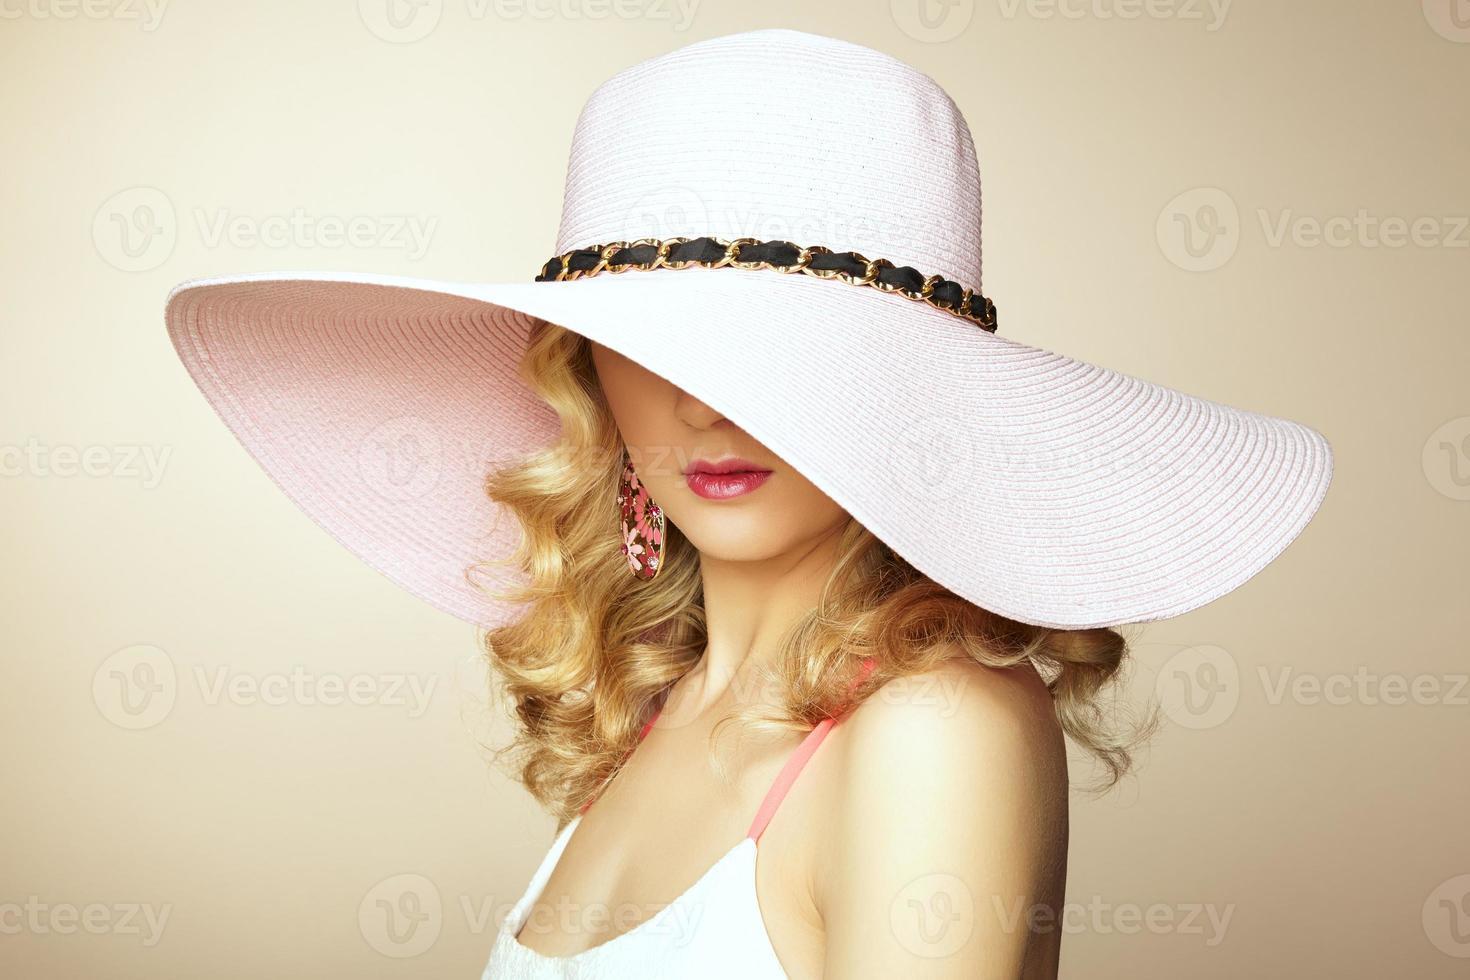 modefoto av den unga magnifika kvinnan i hatt. flicka poserar foto